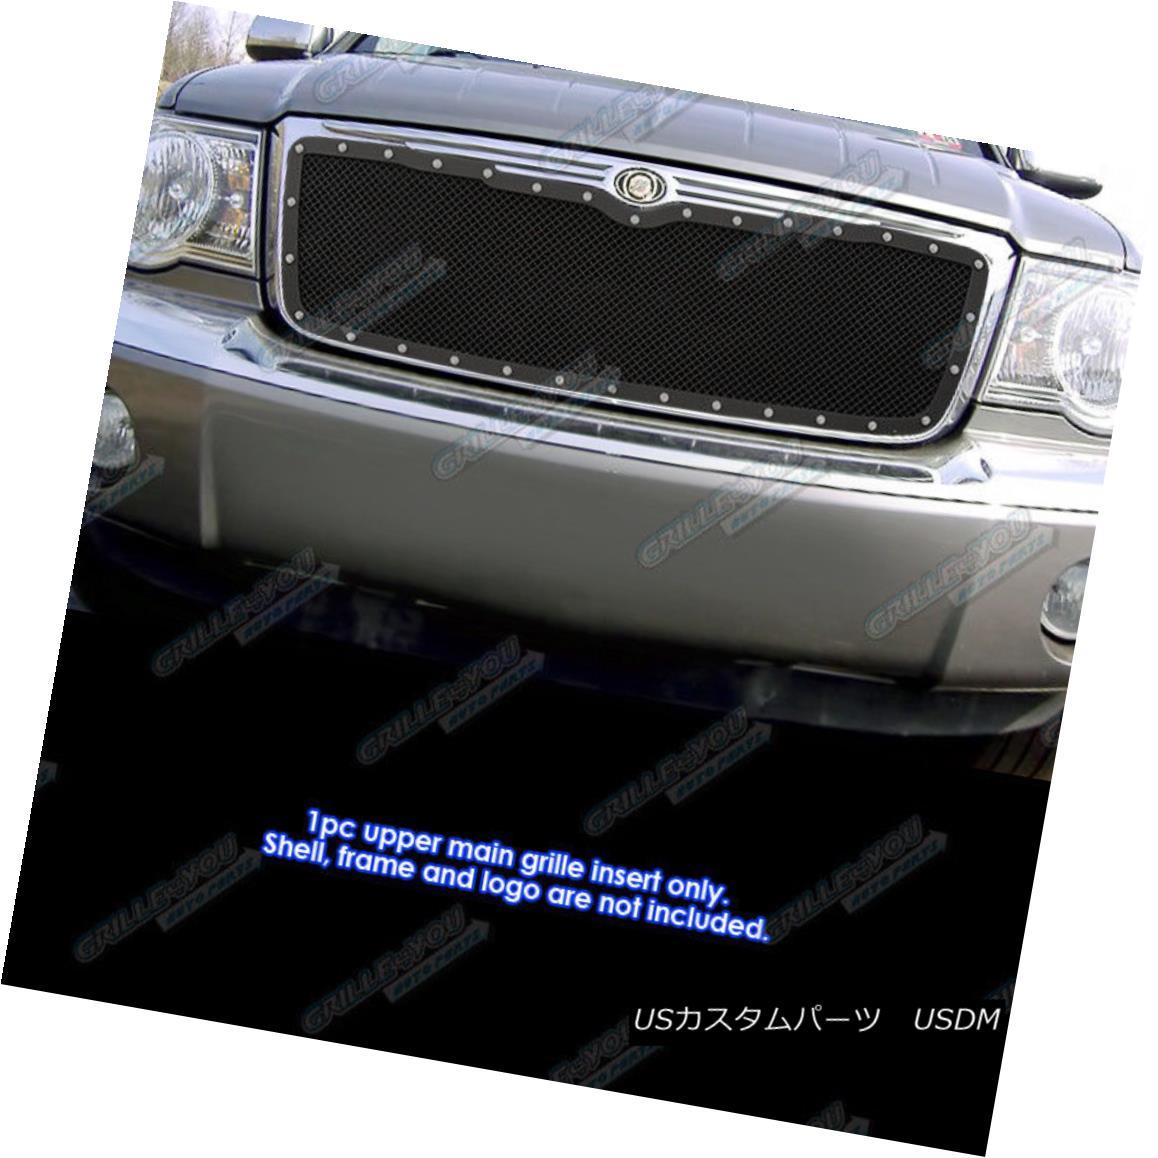 グリル Fits 2007-2009 Chrysler Aspen Stainless Steel Black Mesh Grille Insert 2007-2009クライスラーアスペンステンレススチールブラックメッシュグリルインサートに適合